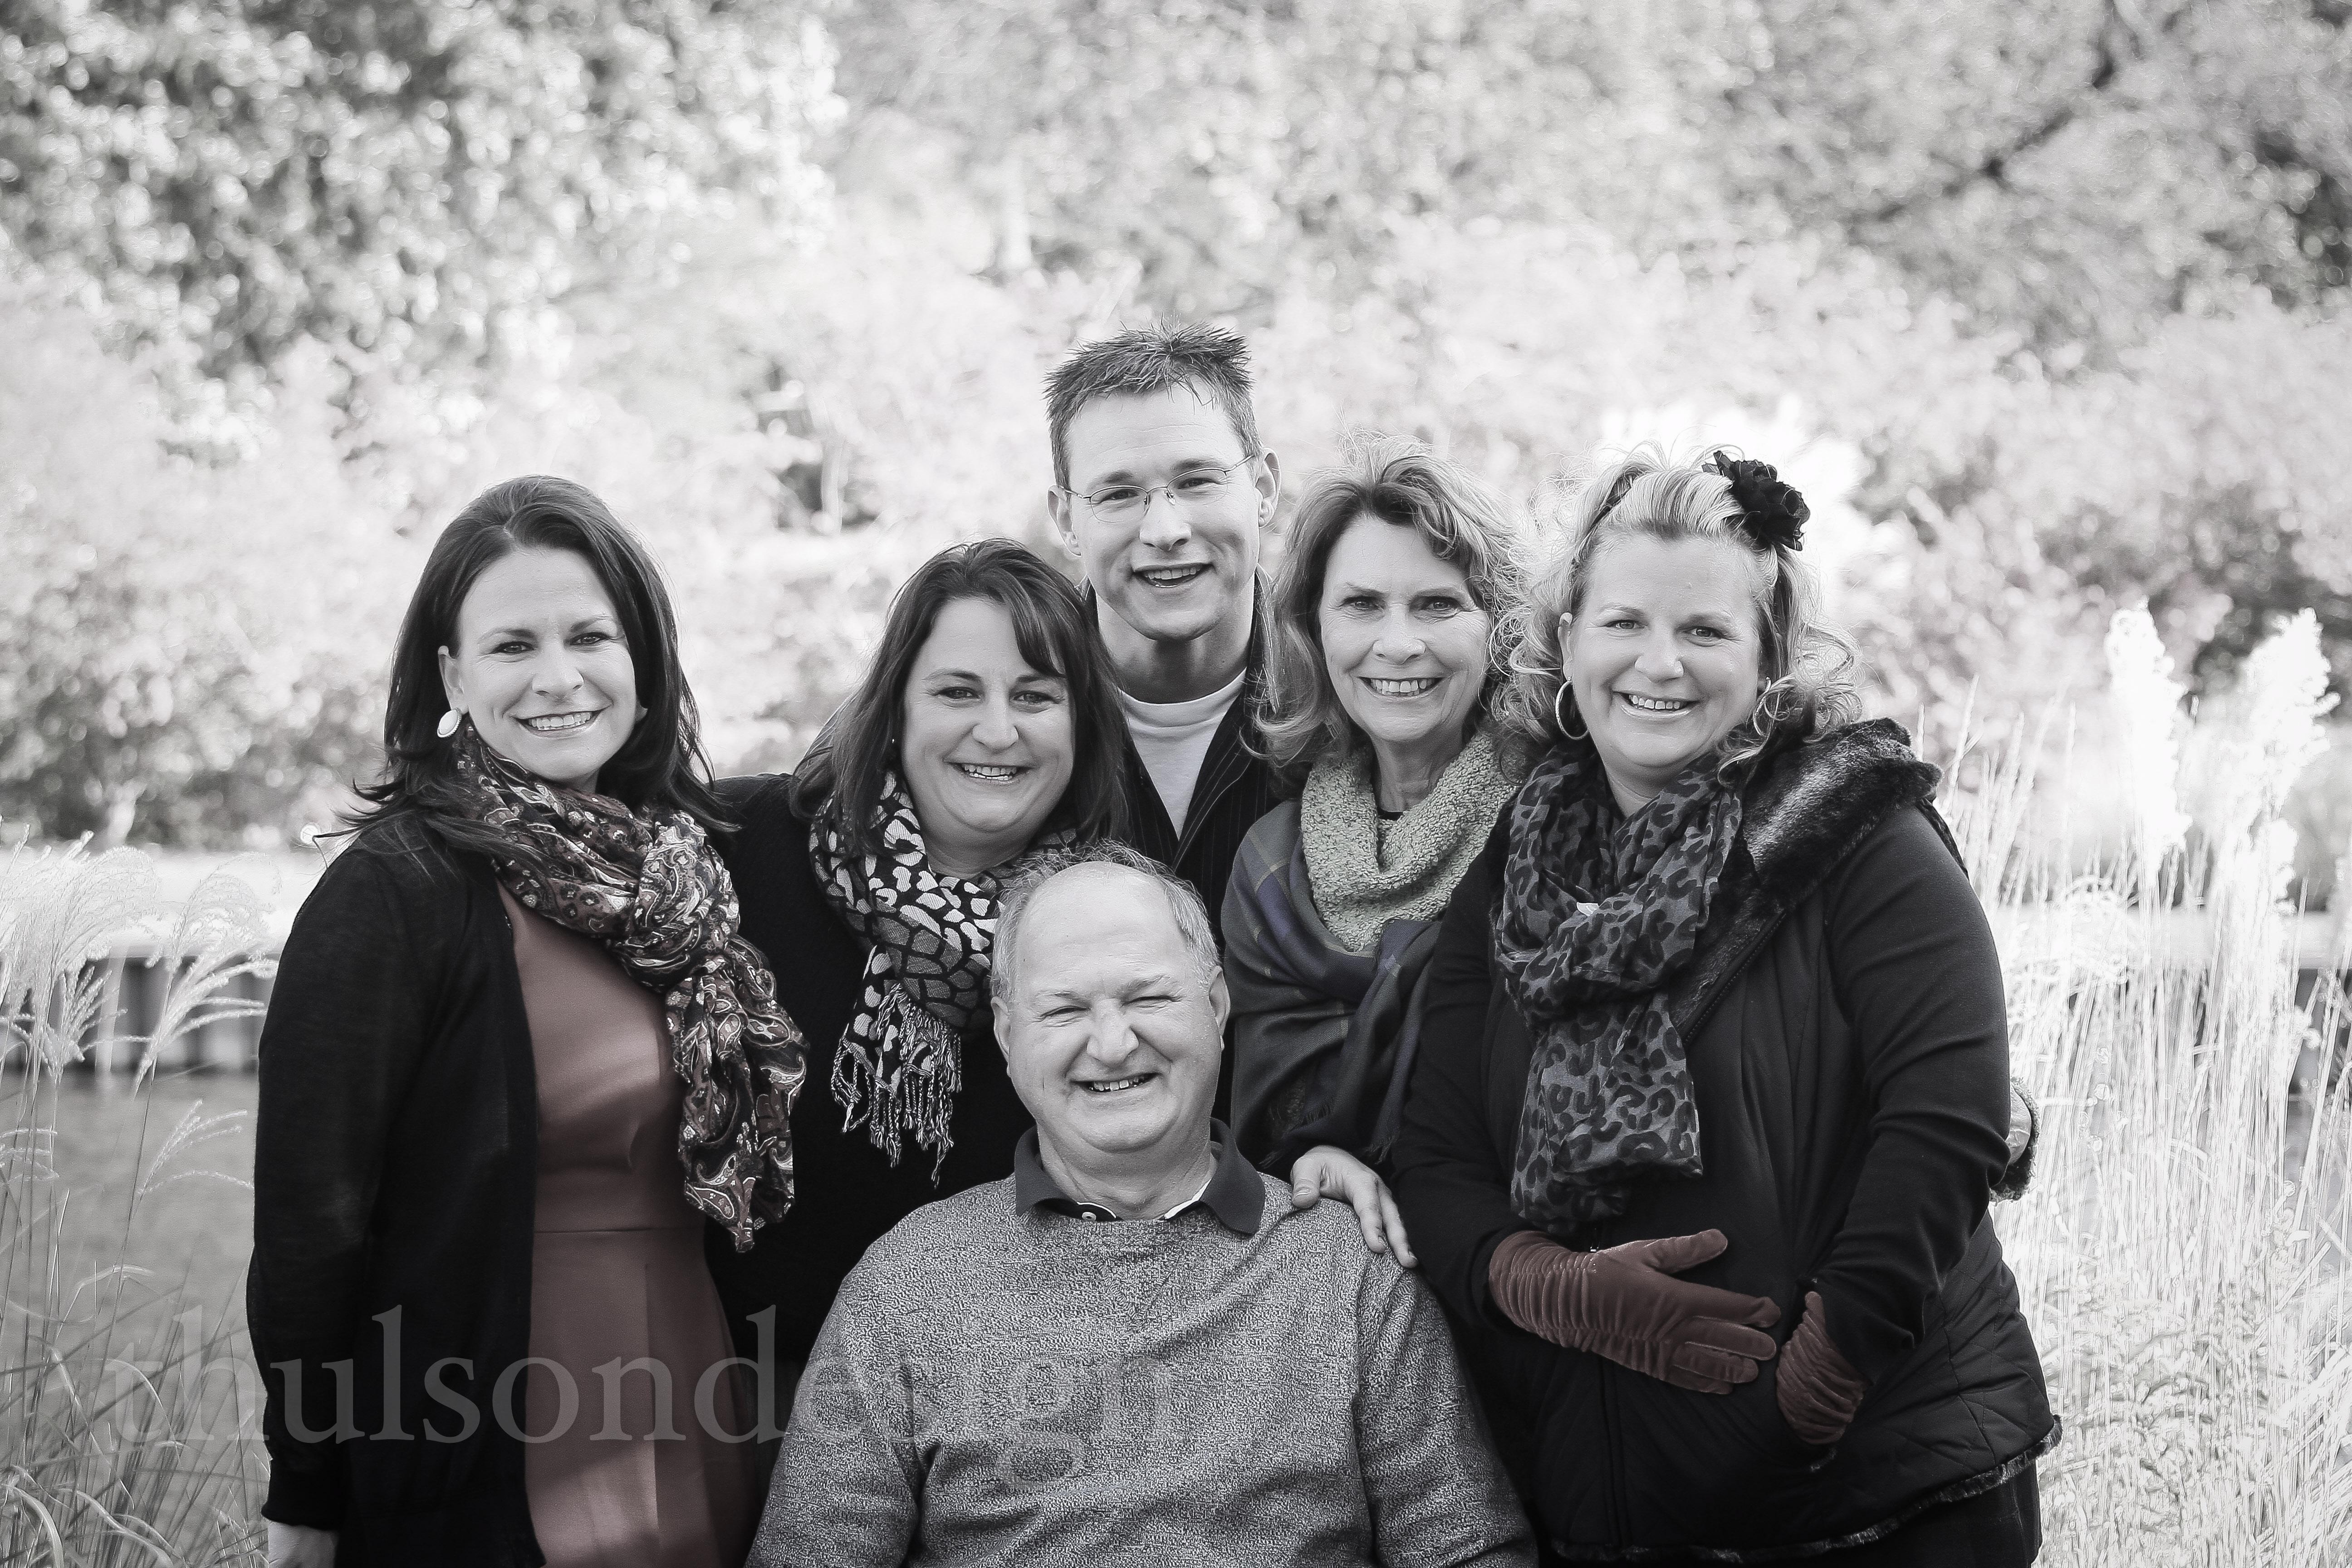 The Smentek Family